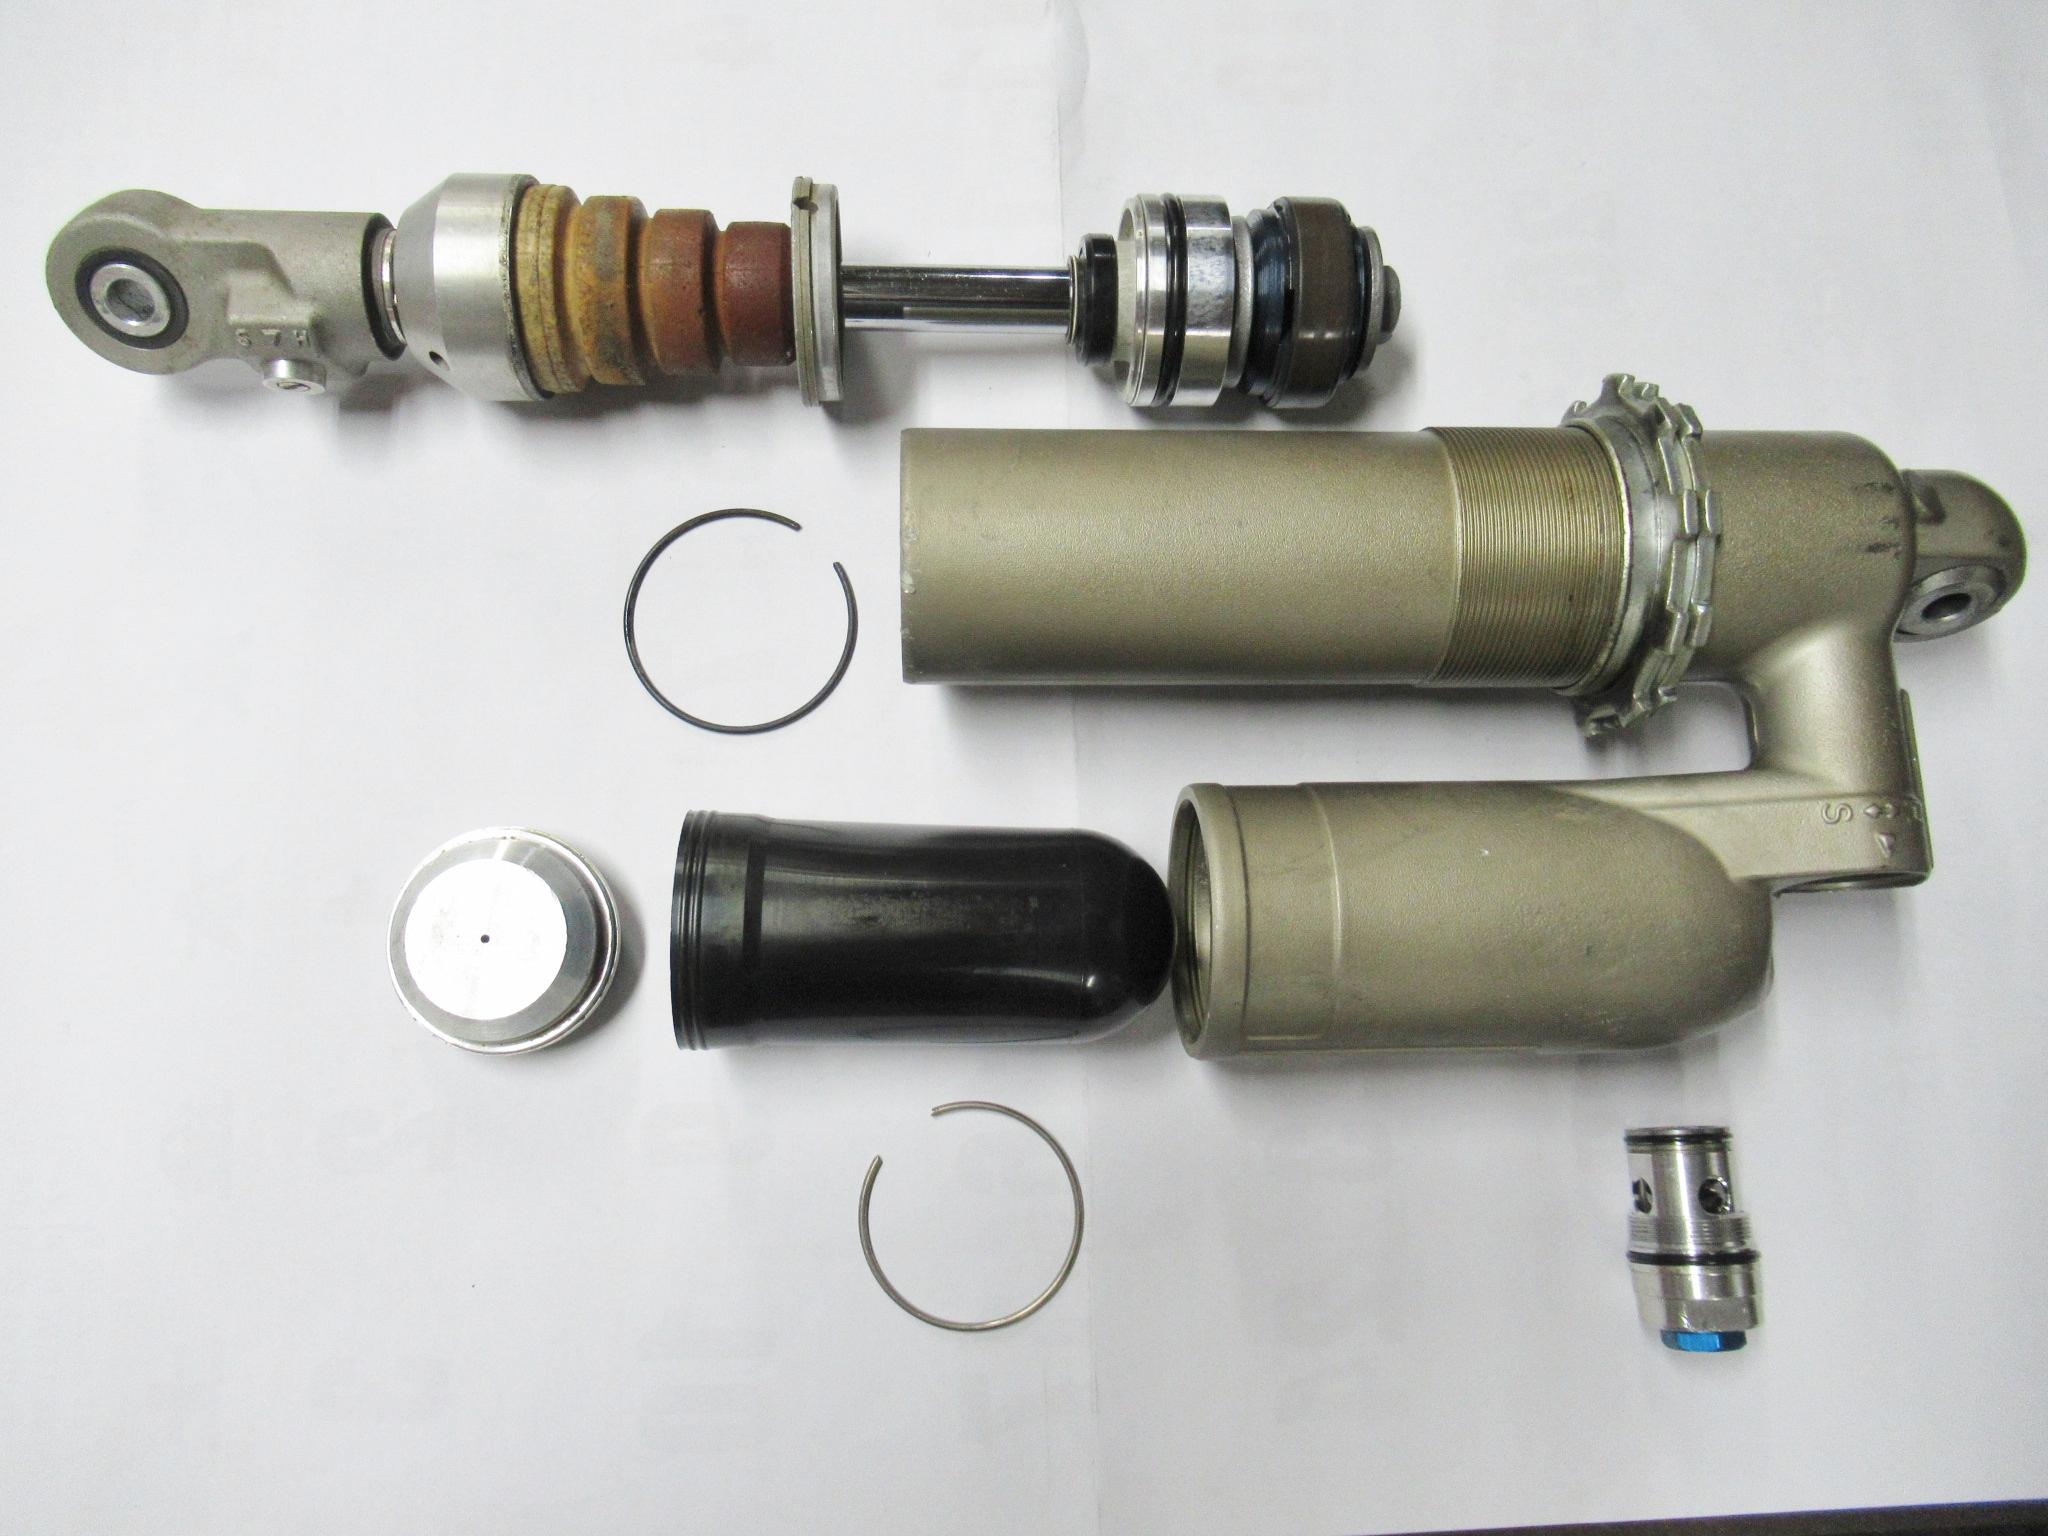 http://www.precious-factory.com/preciousfactory2010/IMG_1169.JPG